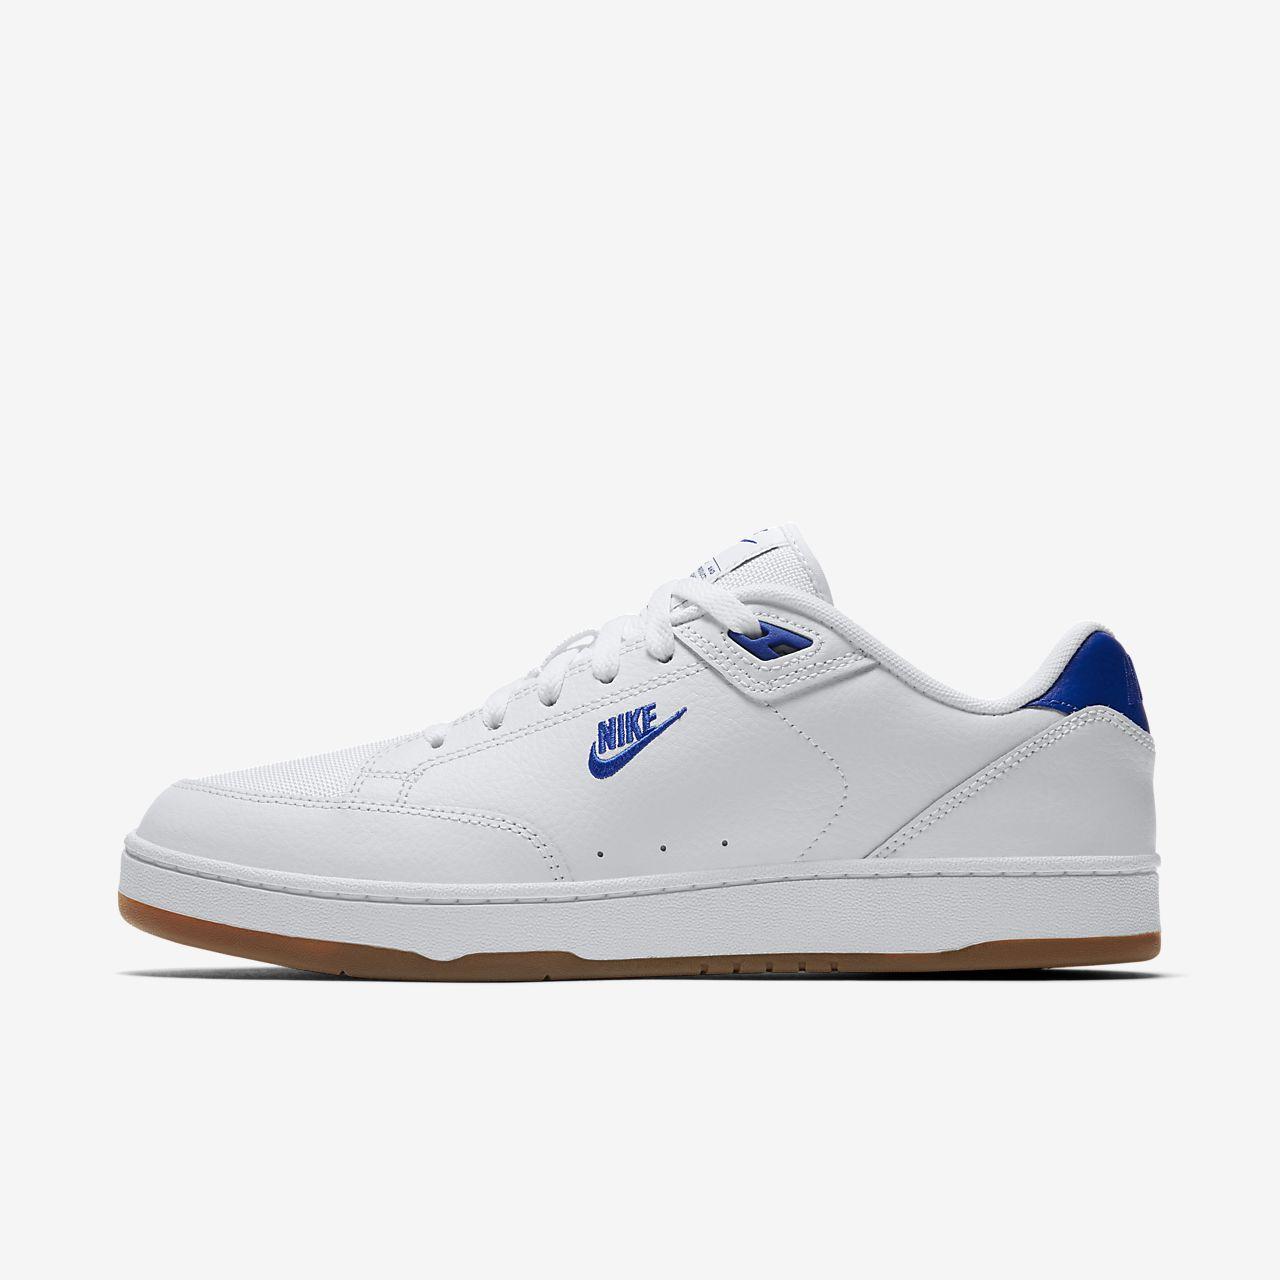 separation shoes d56c2 a5e16 Calzado para hombre Nike Grandstand II Premium